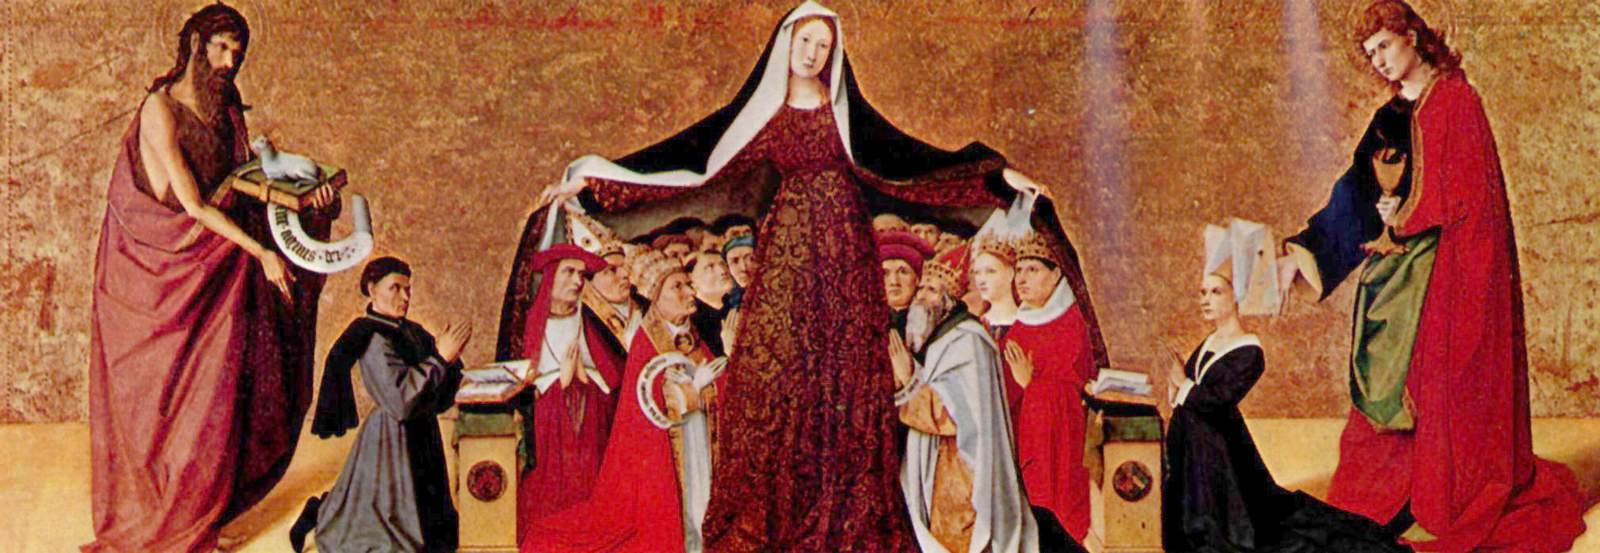 Vergine della Misericordia, Enguerrand Quarton, retablo Cadard, verso il 1444, museo Condé. Immagine di una Chiesa riconciliata con se stessa.